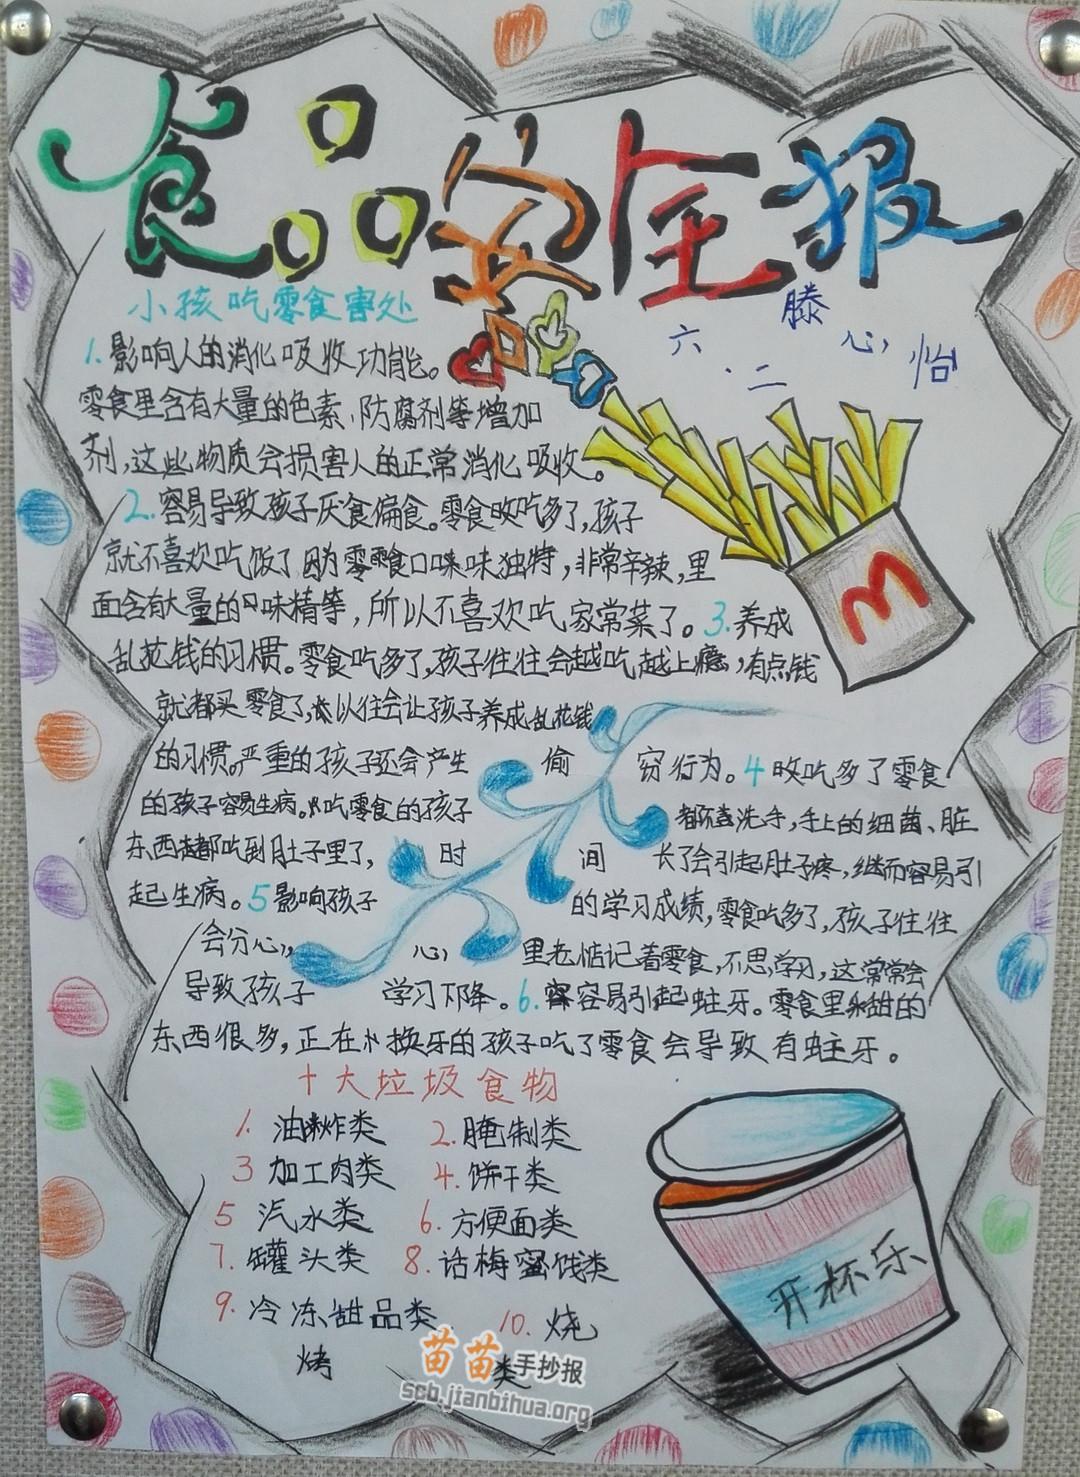 鹿-简笔画_小学生食品安全手抄报图片大全、内容